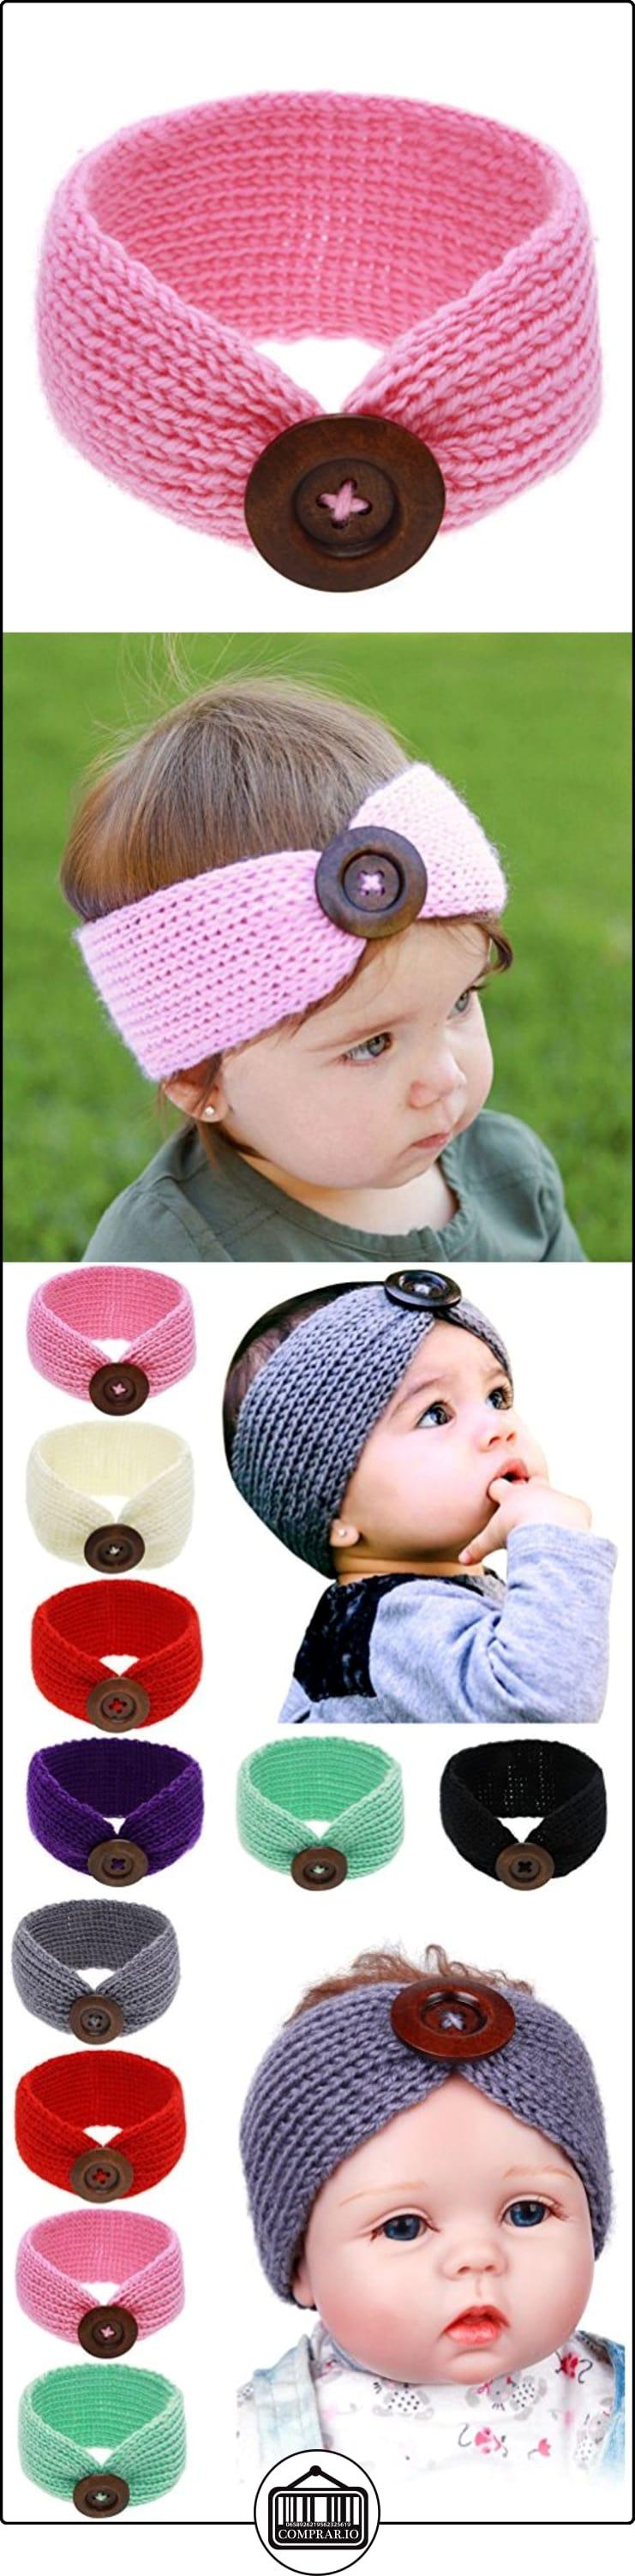 OULII Bebé muchacha infantil botón vendas cabeza abrigo pelo anudado banda foto de tejer apoyos favores (rosa)  ✿ Regalos para recién nacidos - Bebes ✿ ▬► Ver oferta: http://comprar.io/goto/B01MU3AGM0